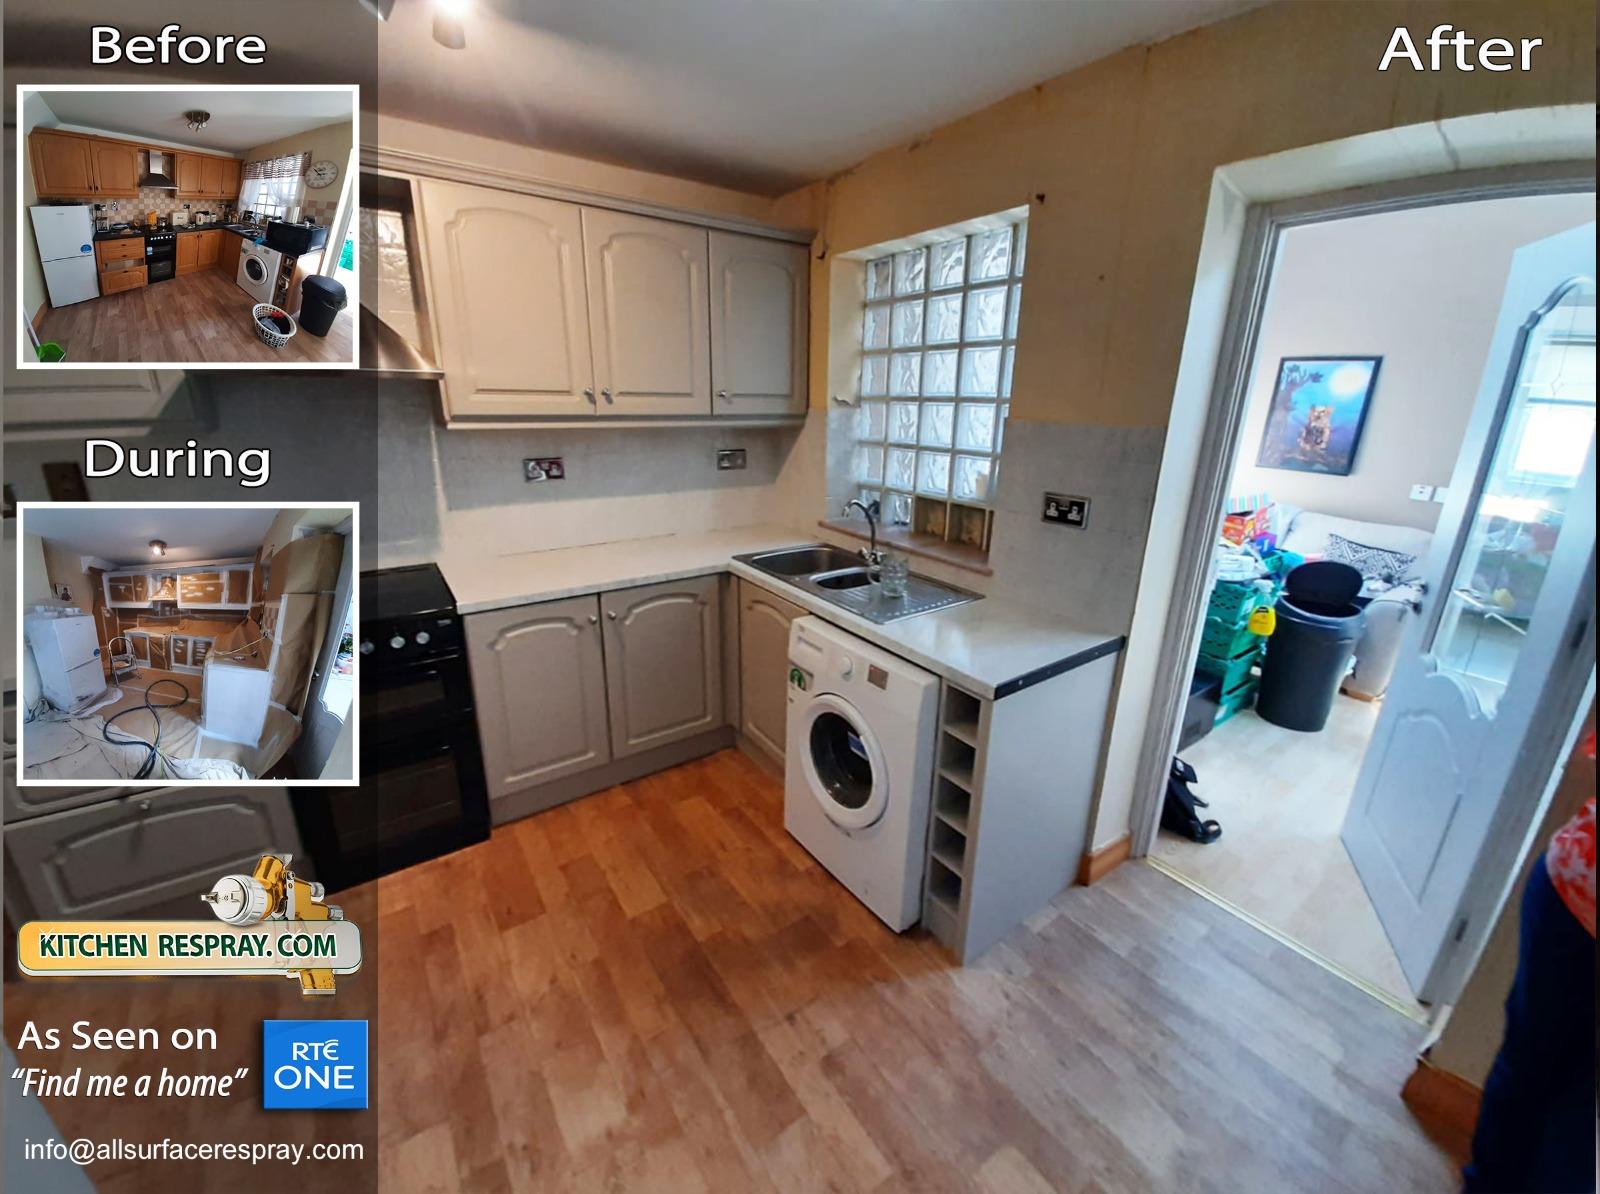 Kitchen Respray,Door Respray,Cabinet Respray,White